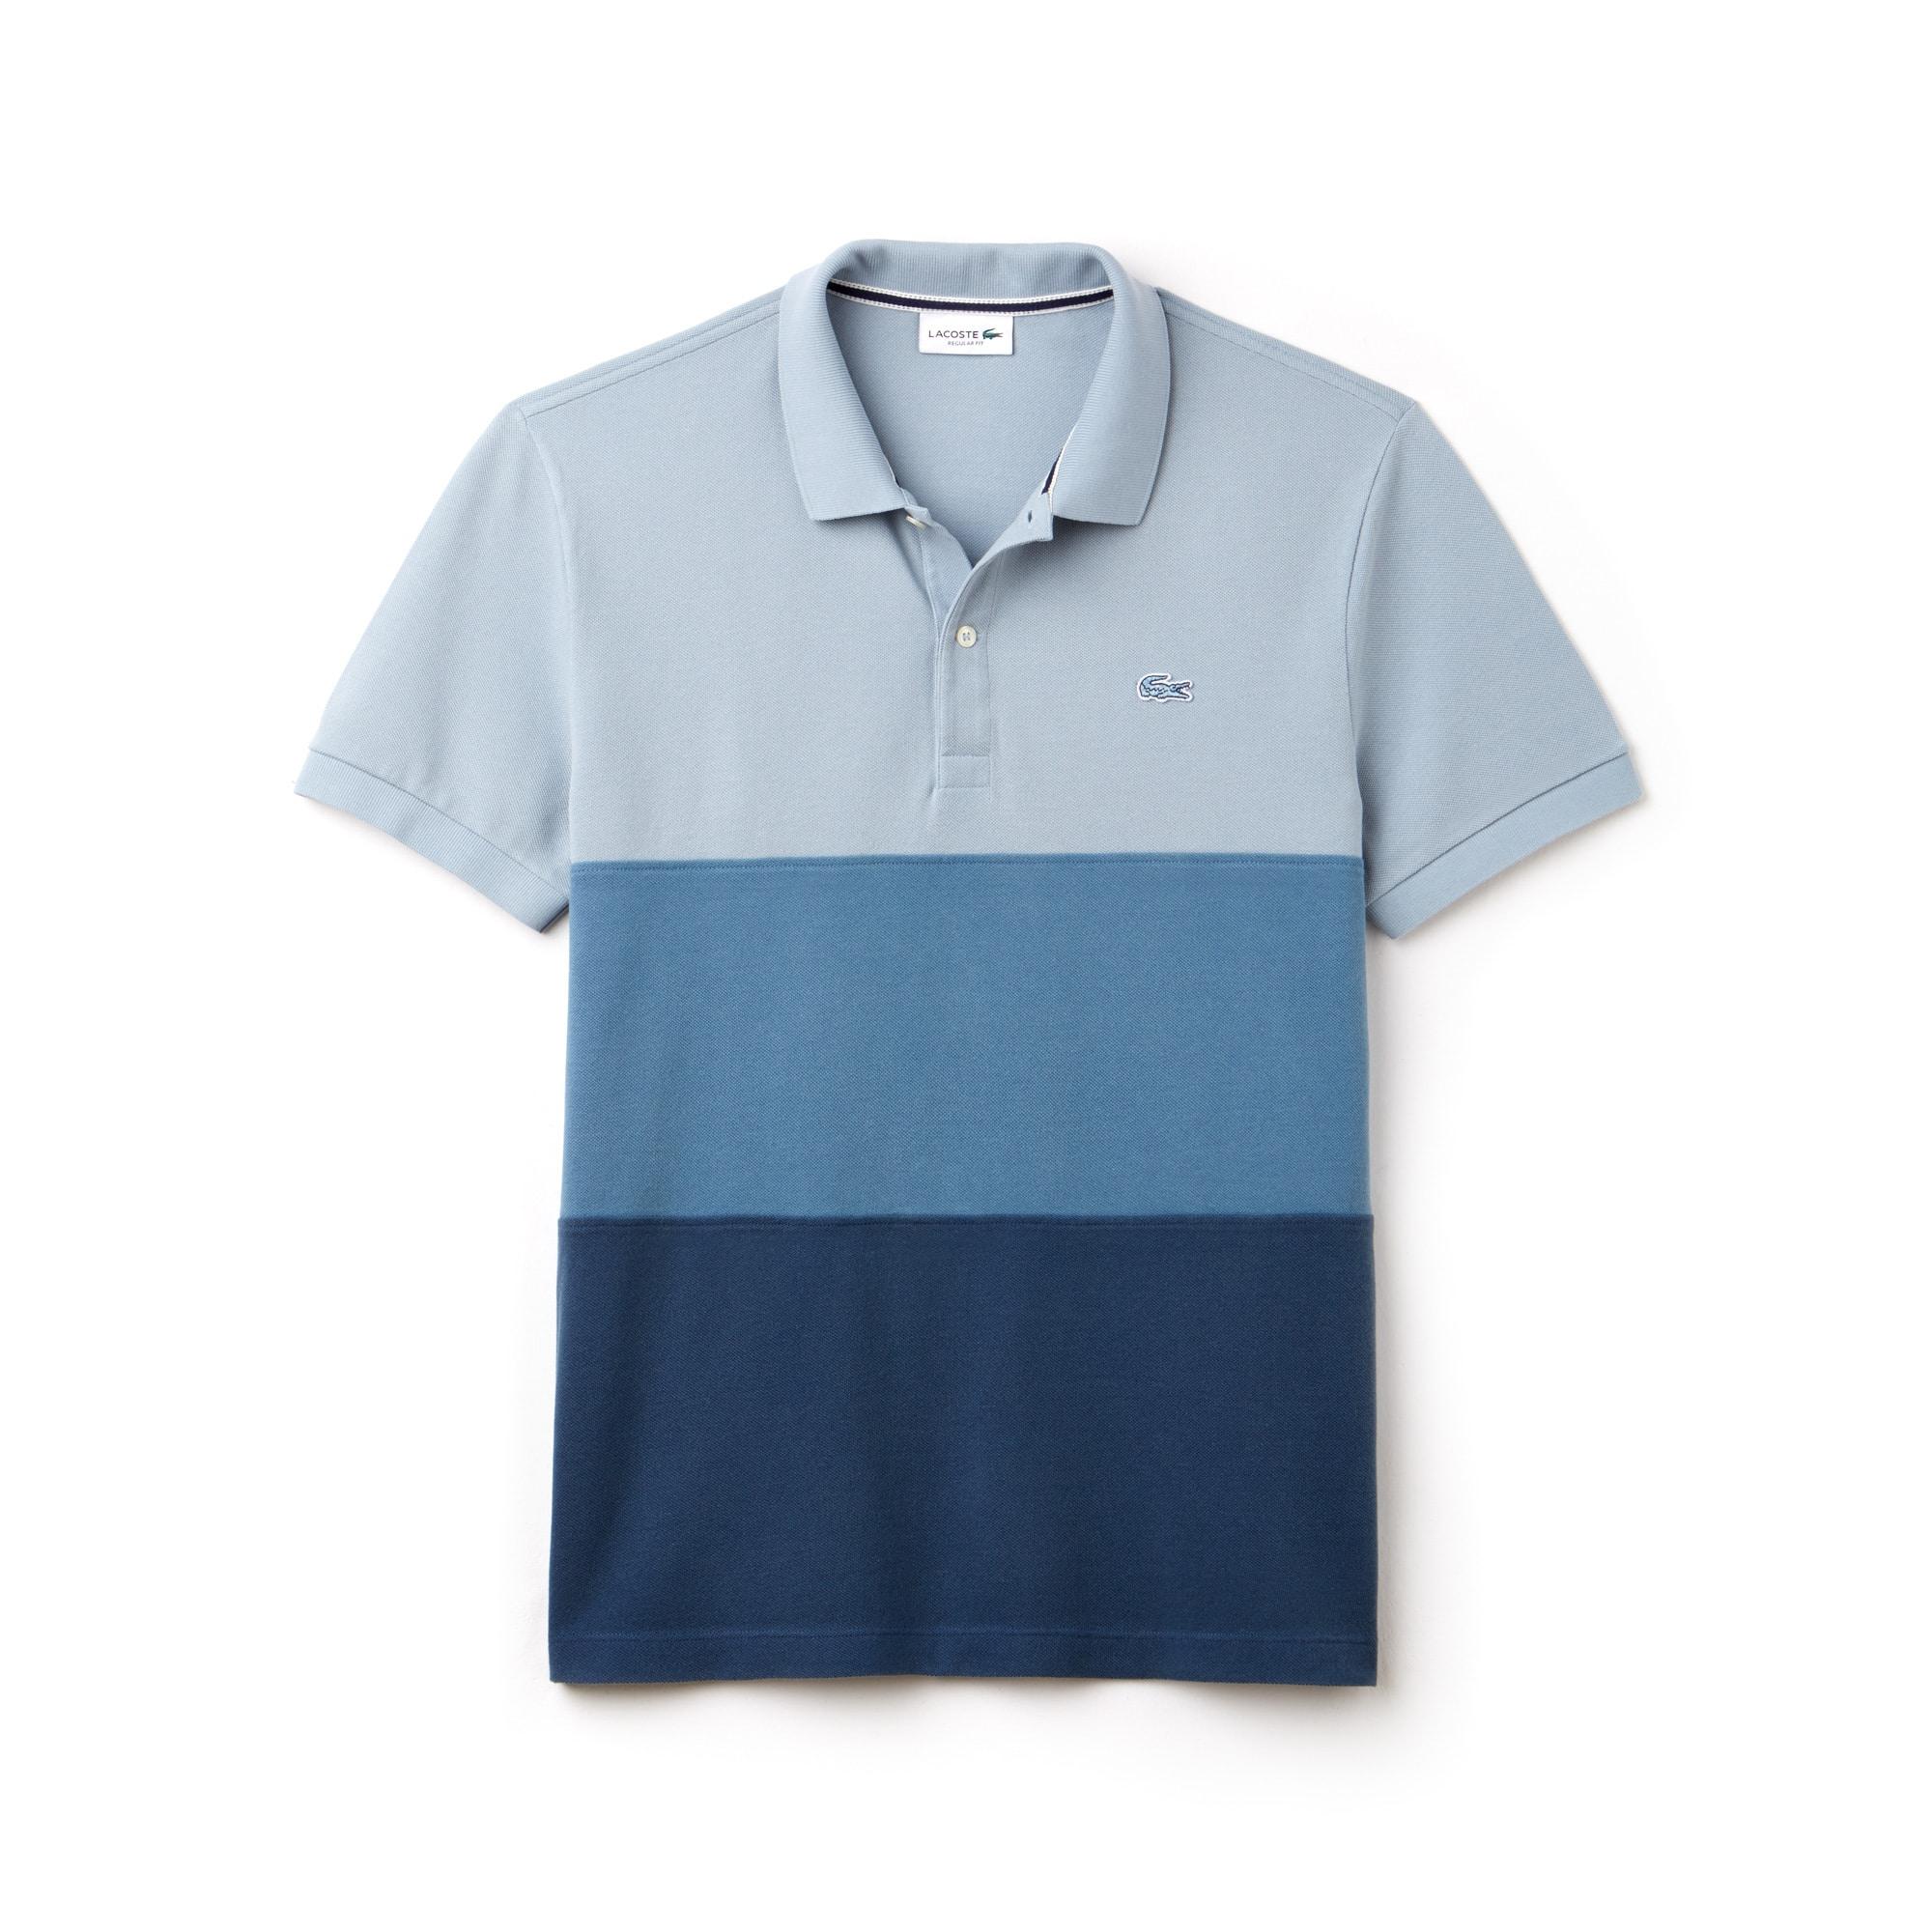 라코스테 컬러블록 피케 폴로셔츠 - 노르딕블루/멀티 Lacoste Mens Regular Fit Colorblock Petit Pique Polo,NORDIC BLUE/MULTICO